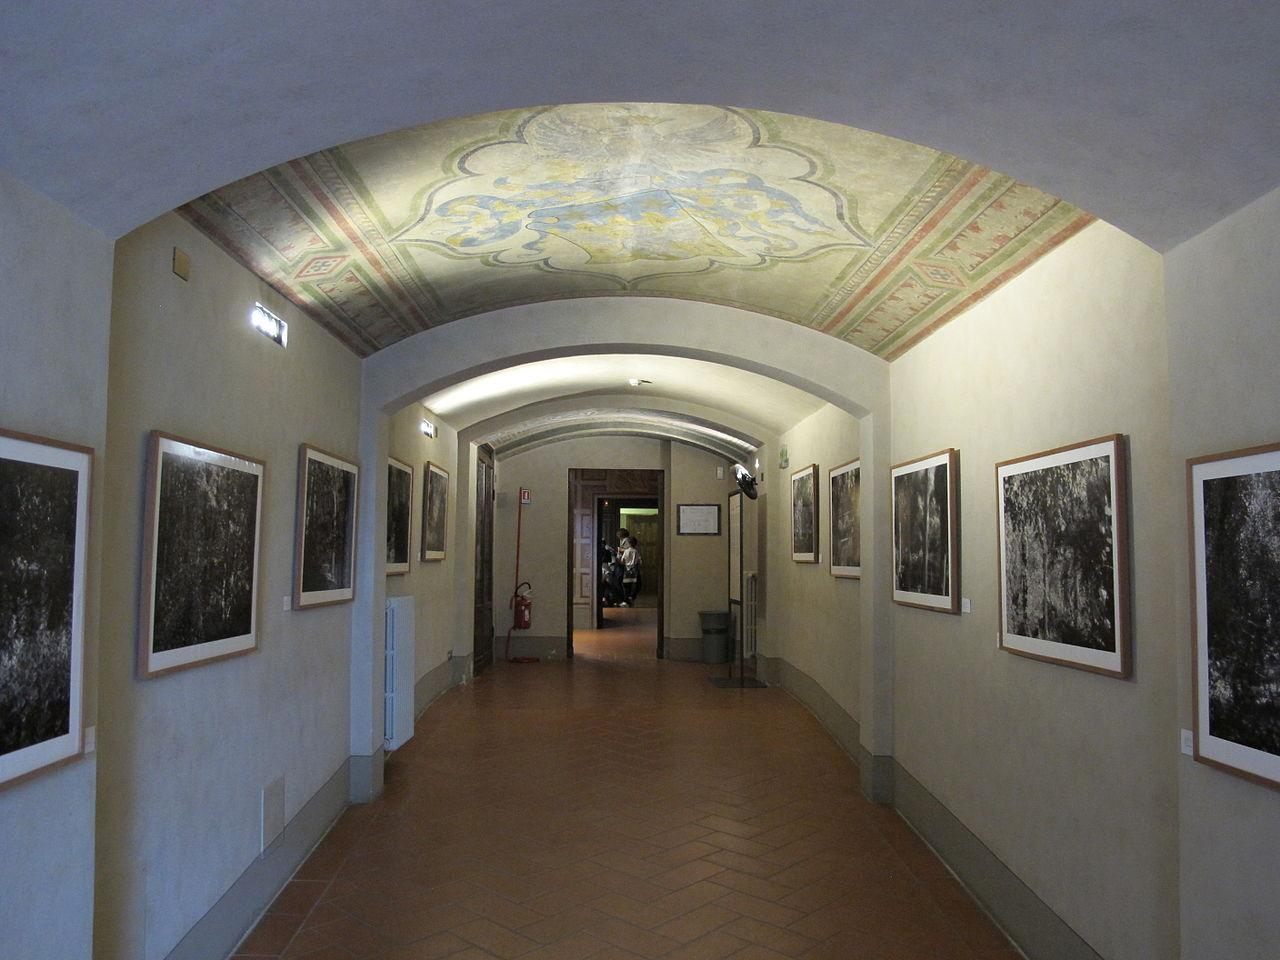 Музей Стибберта, один из залов